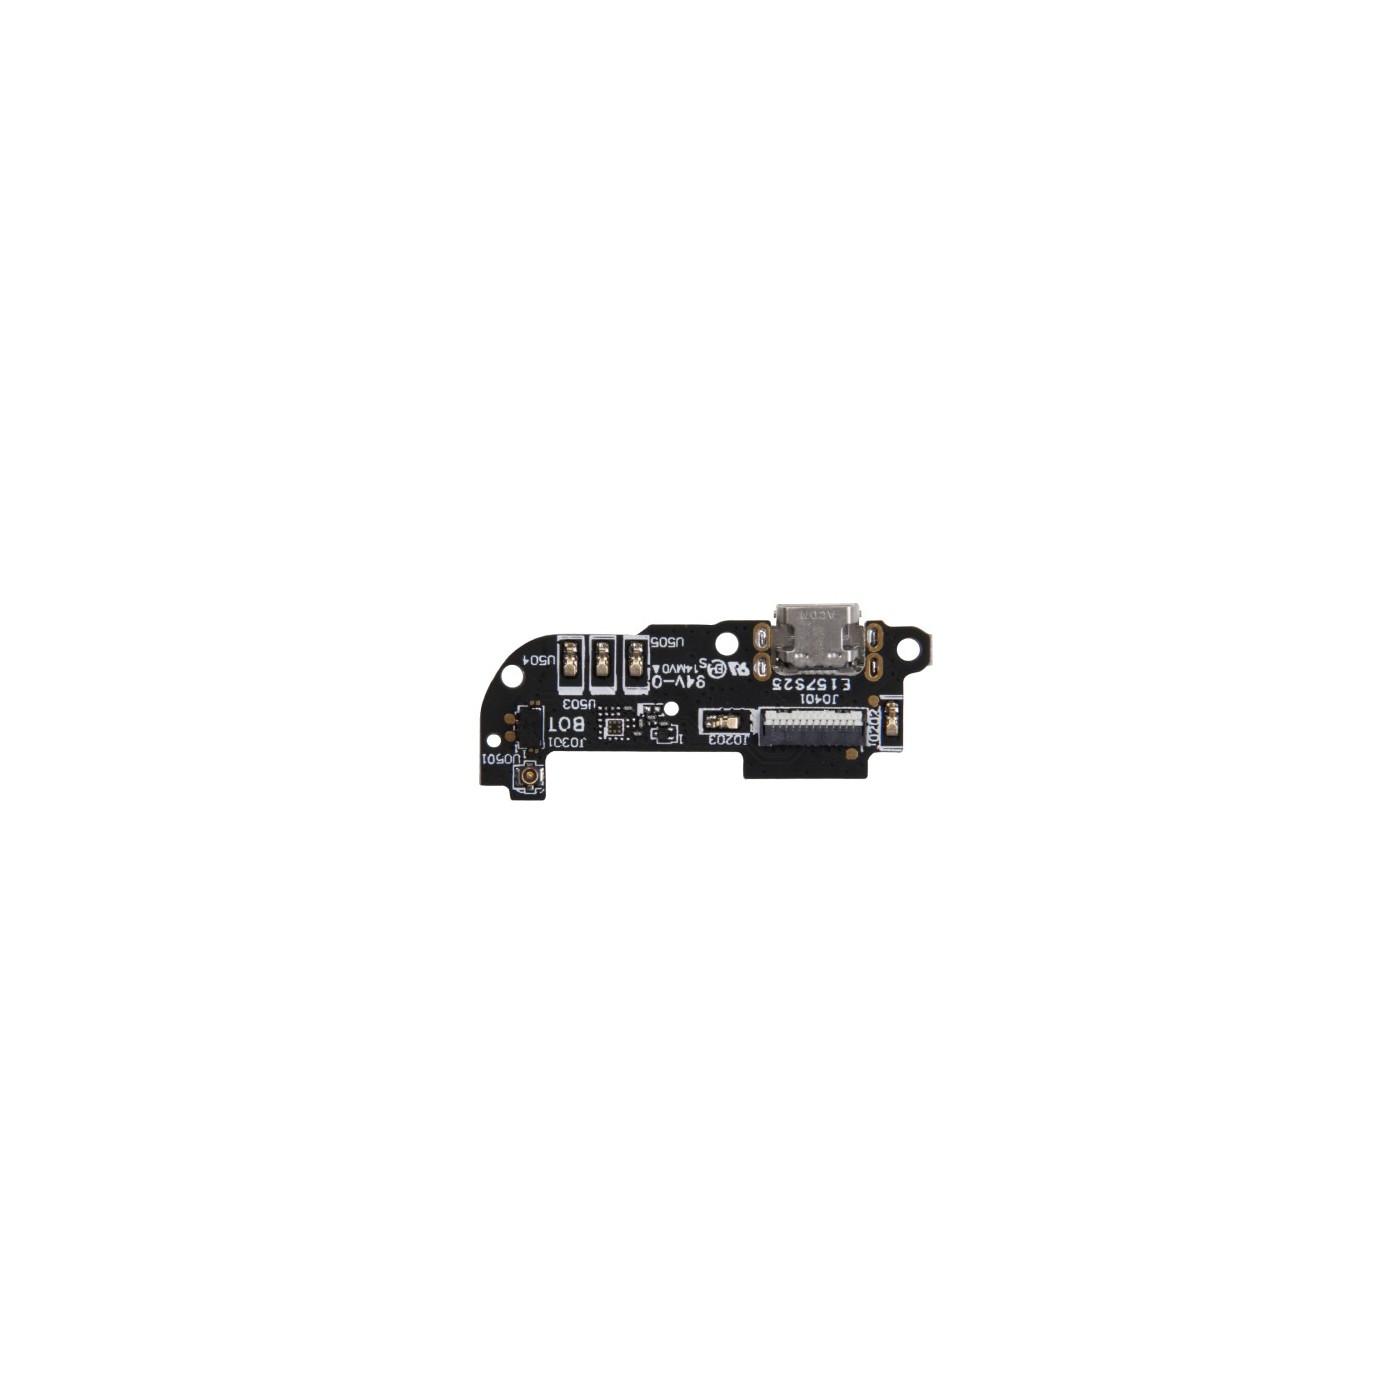 Flat flex Ladeanschluss ASUS Zenfone 2 ZE500CL Dock Ladedaten ersetzen